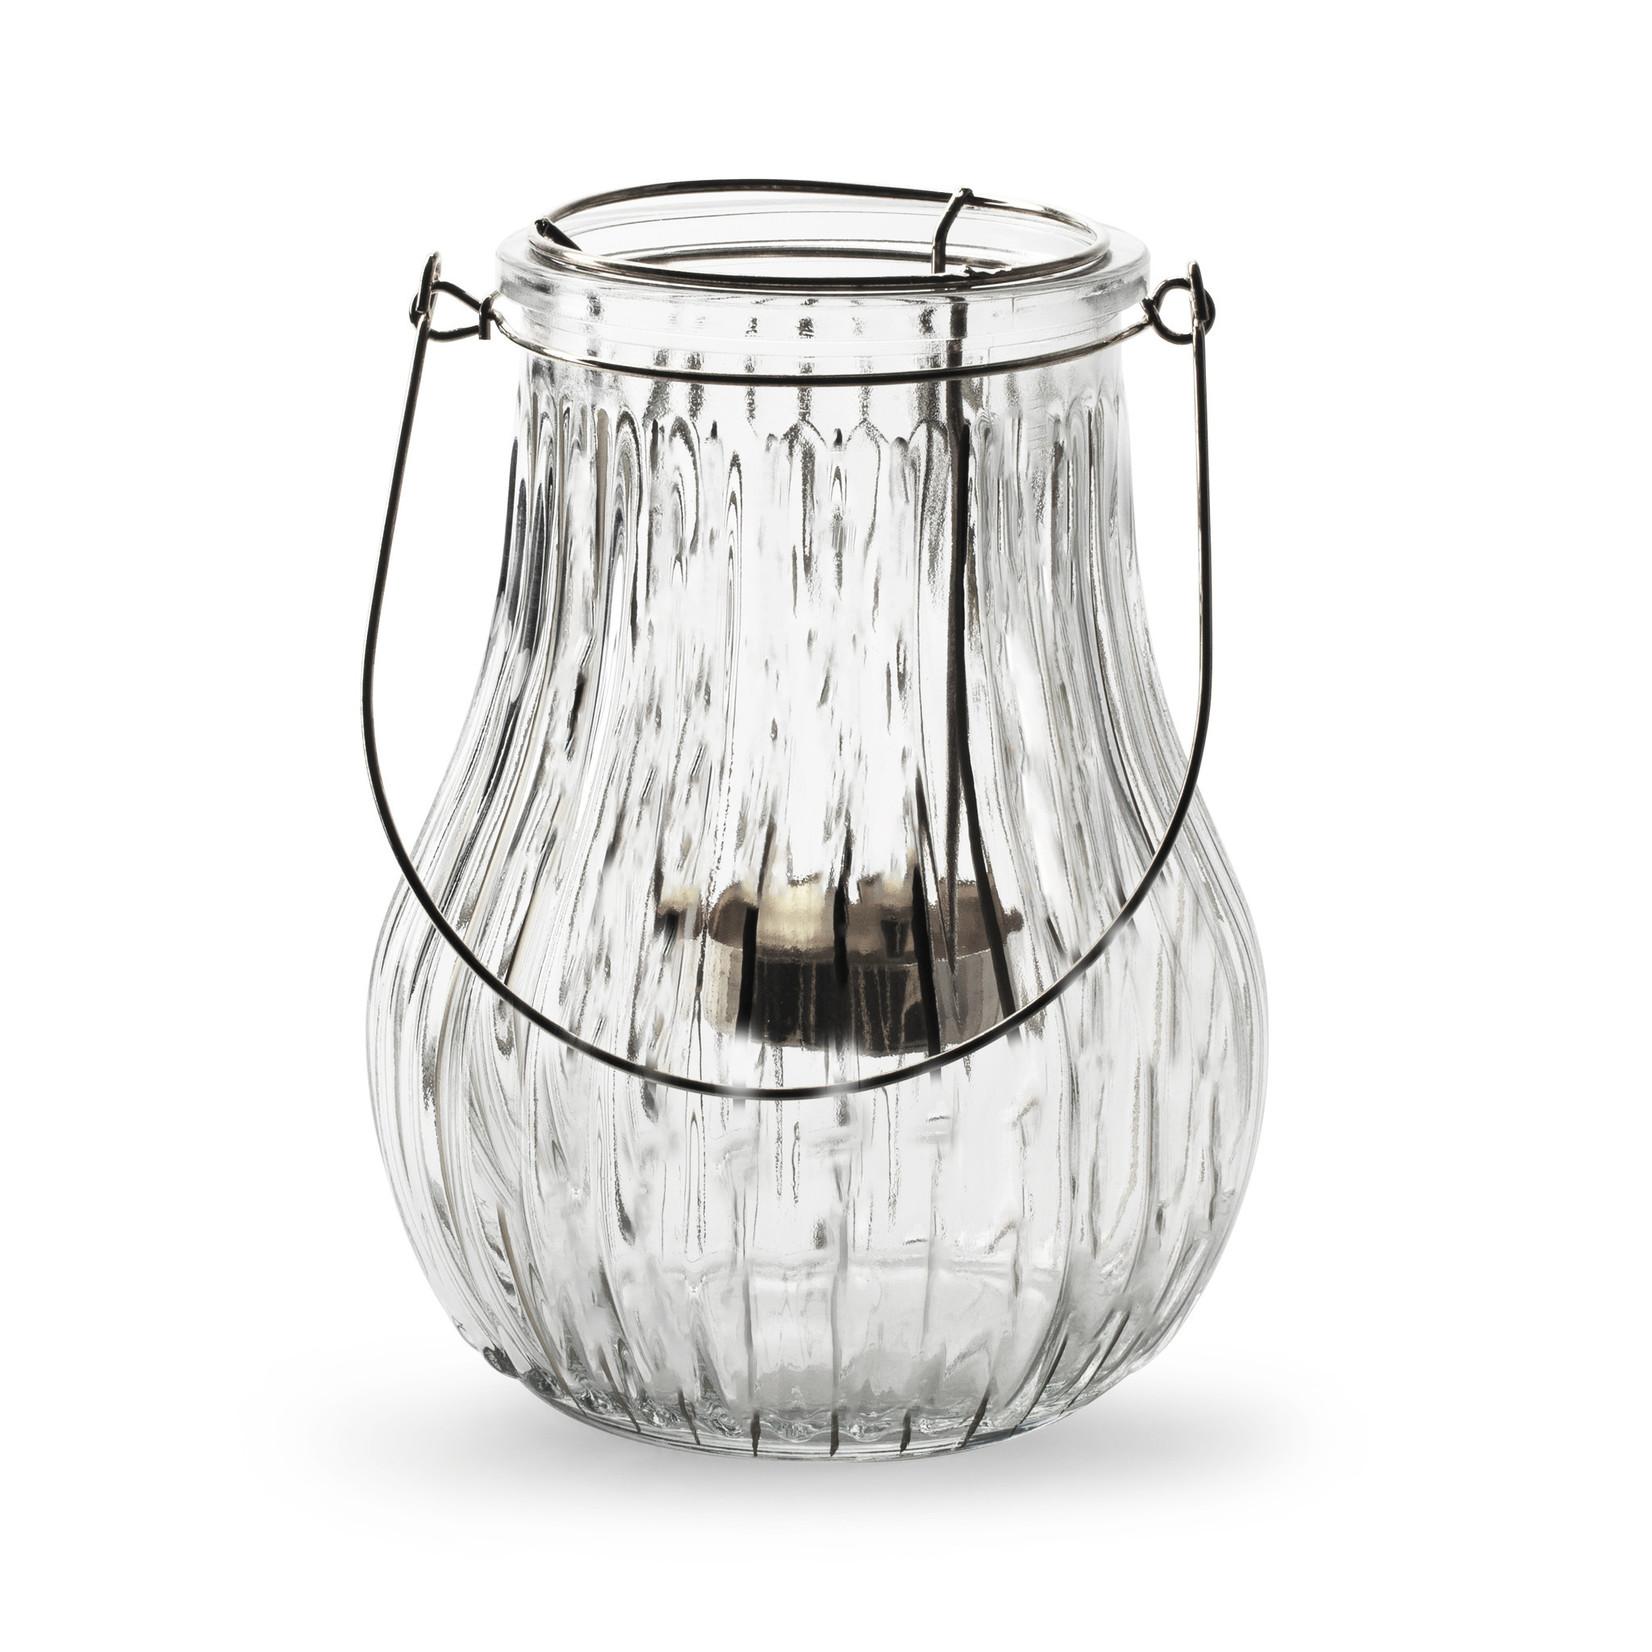 Jodeco Glass Lantaarn met houder 'Leah' H16 D12,5 cm Transparant